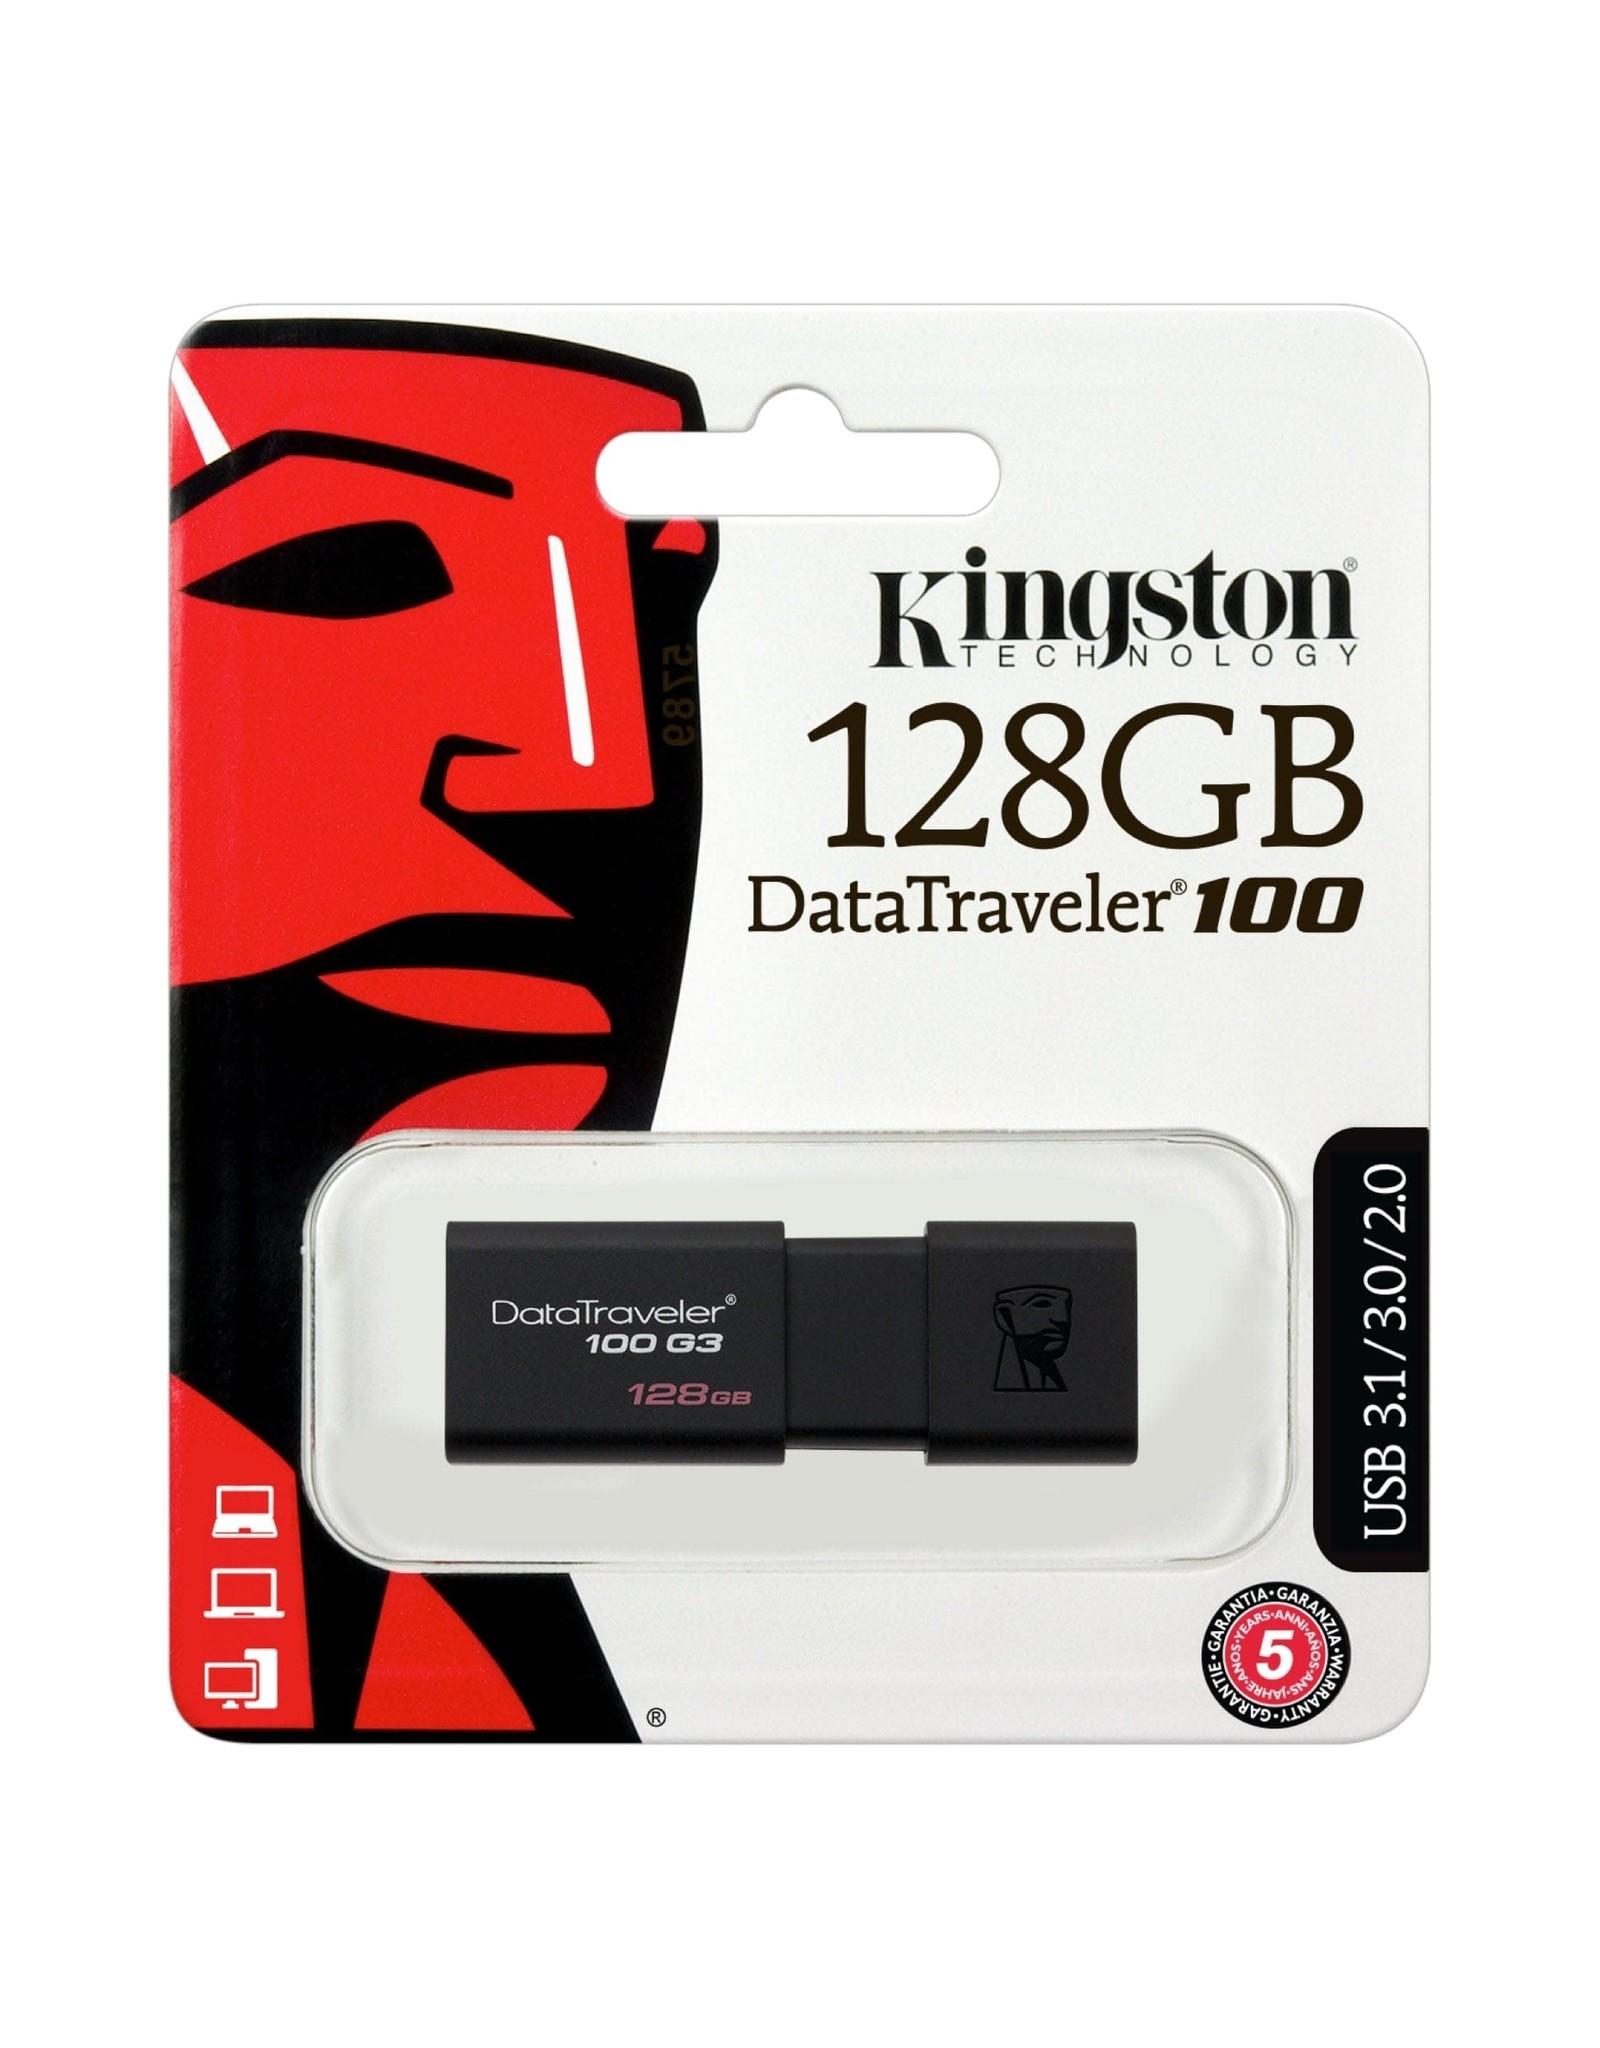 Kingston Technology Kingston Technology DataTraveler 100 G3 128GB USB 3.0 Drive